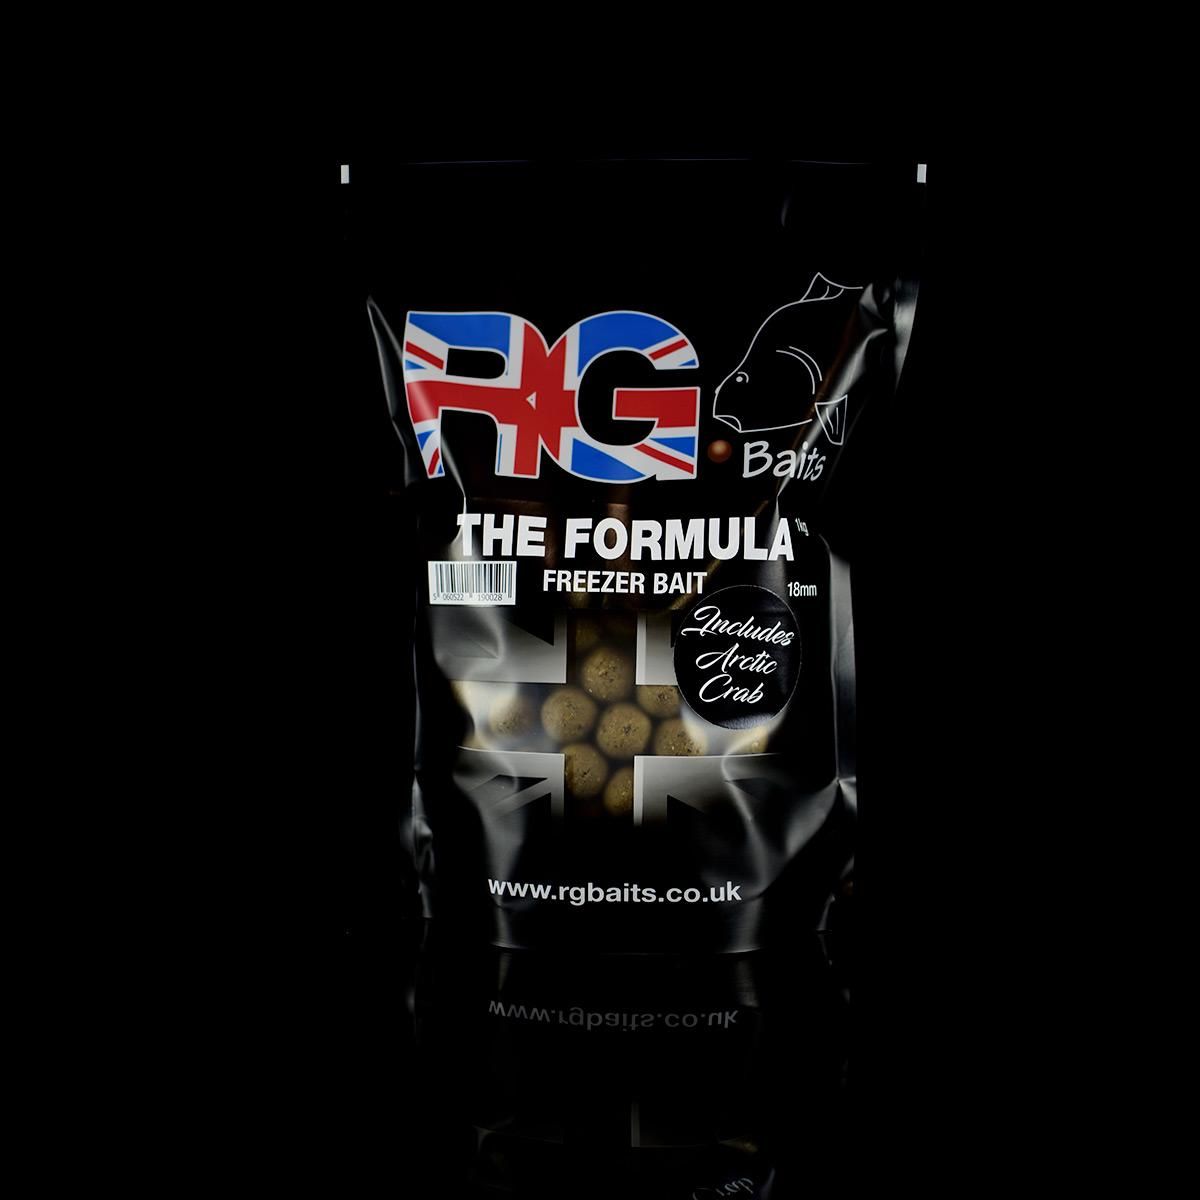 The Formula + Arctic Crab Freezer Bait